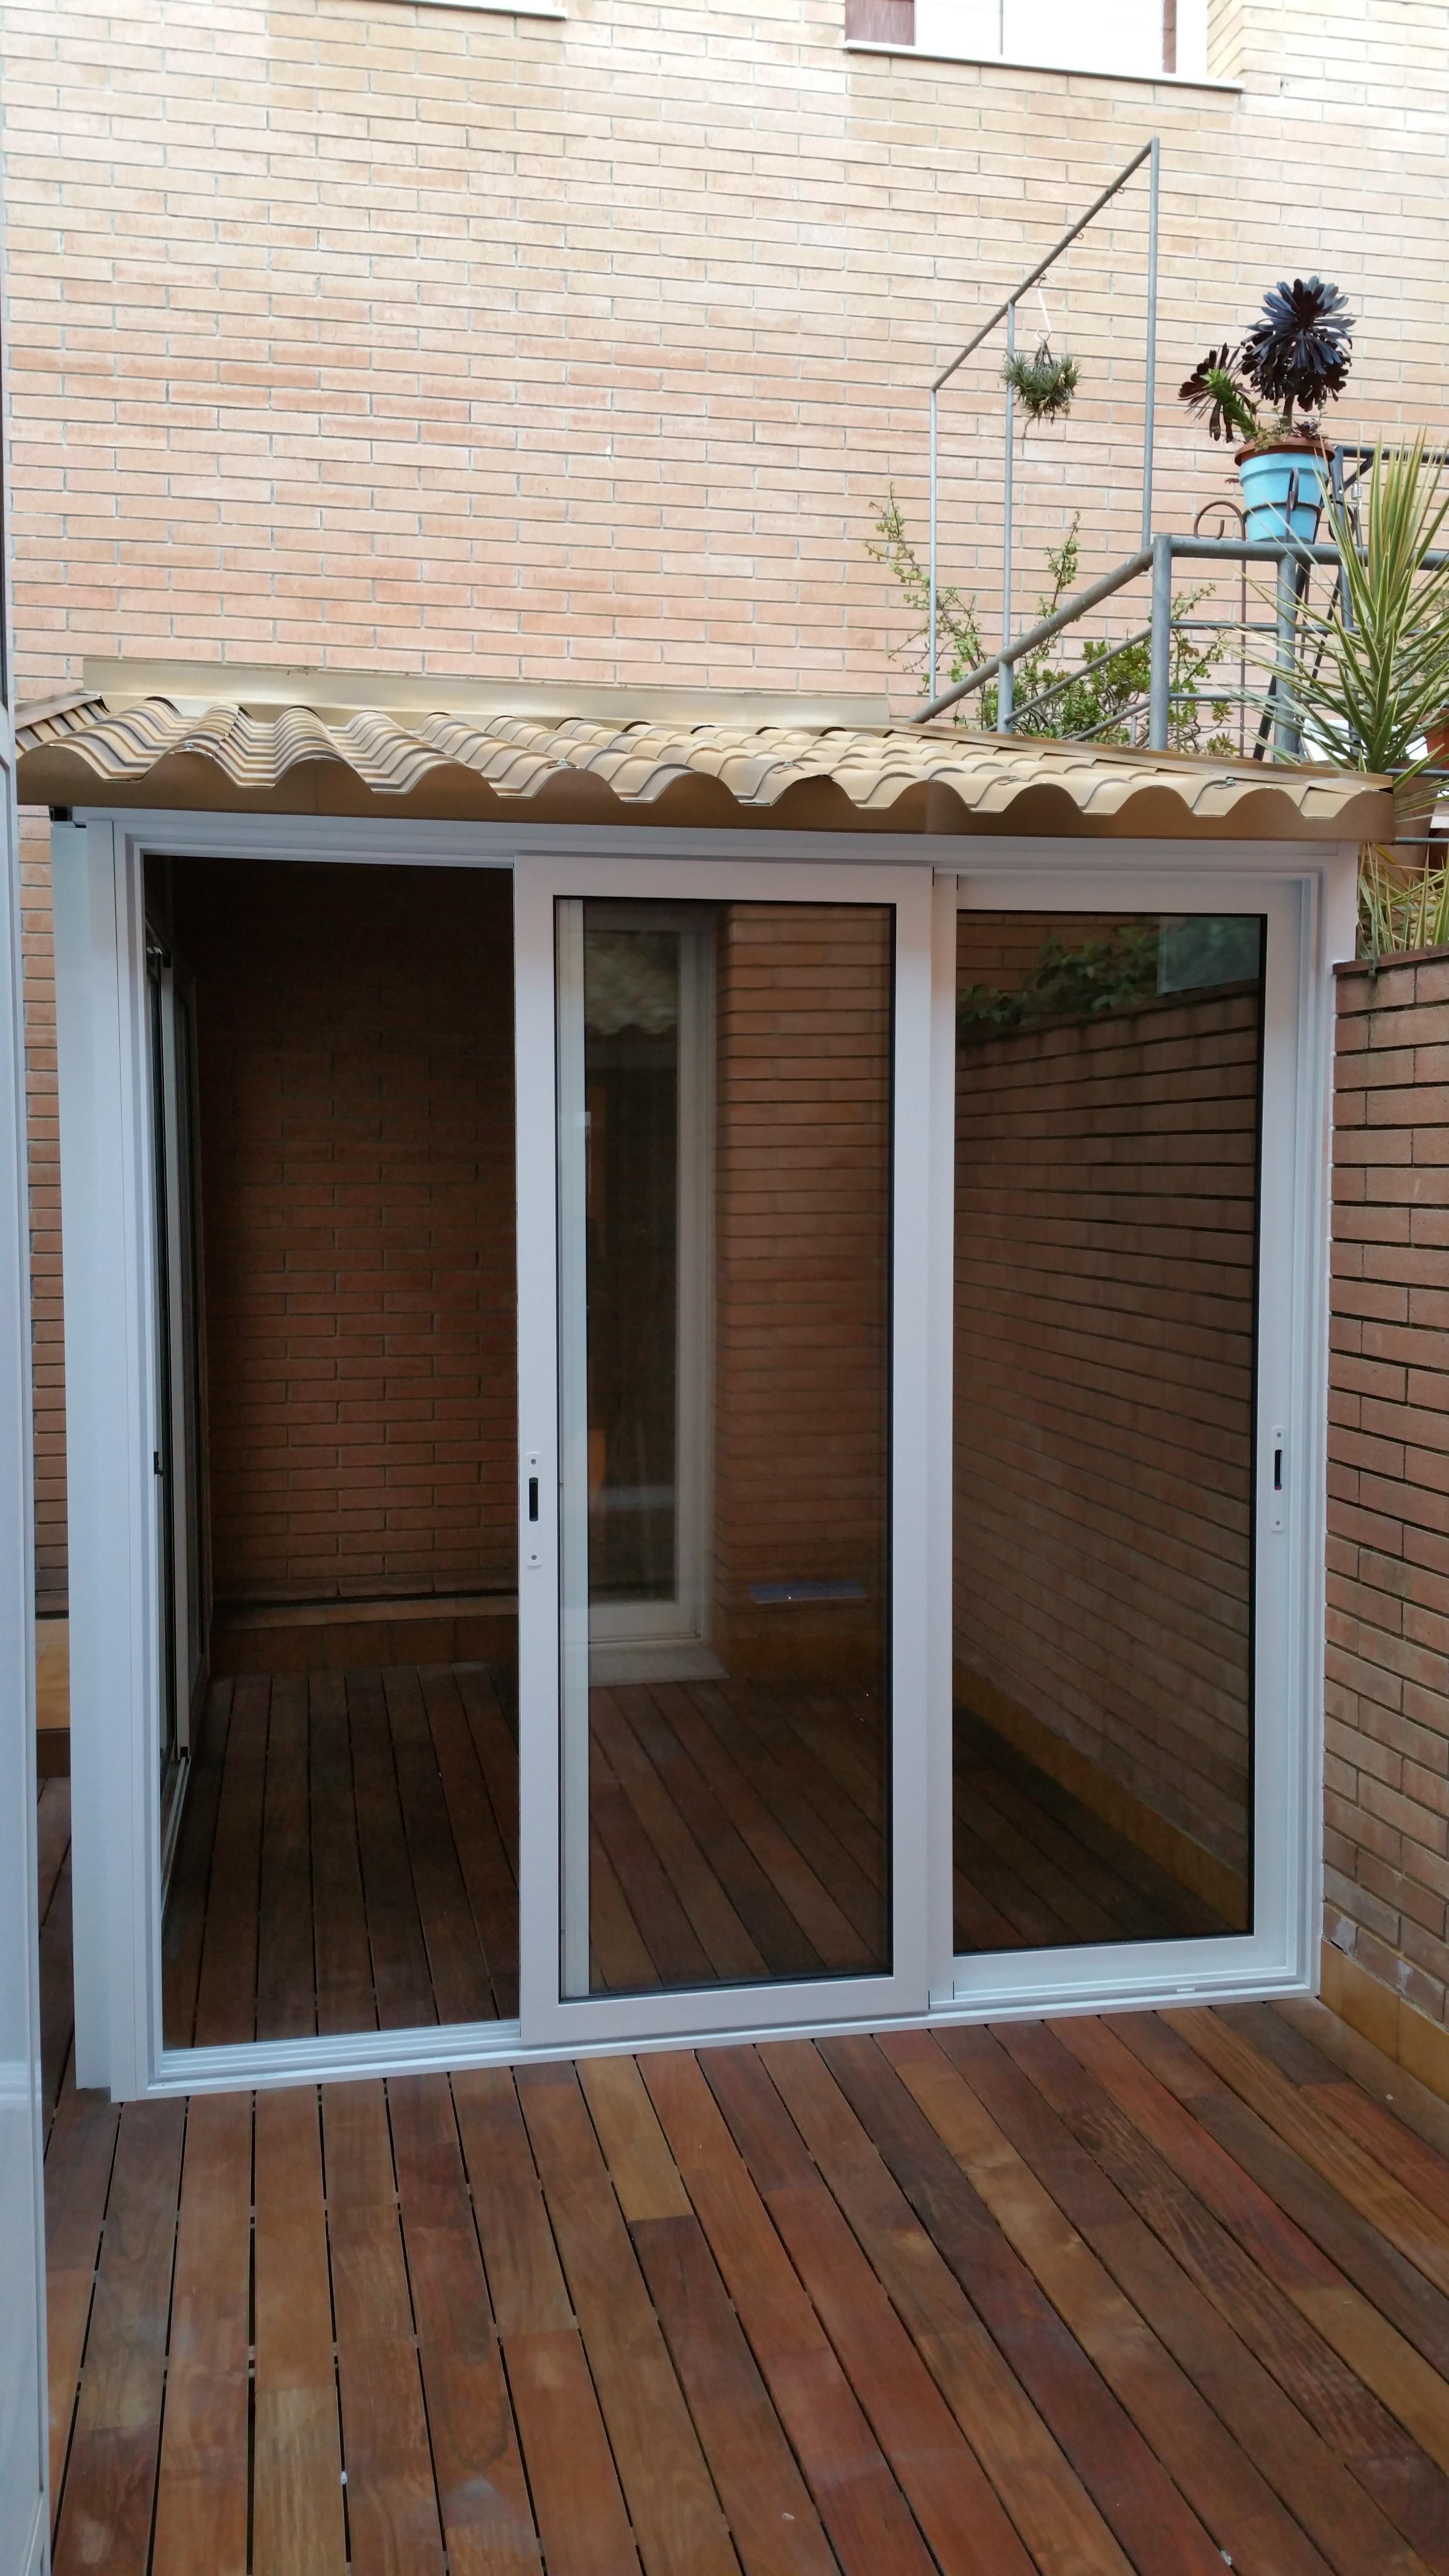 Fabricaci n venta e instalaci n de techado de aluminio for Caseta aluminio terraza